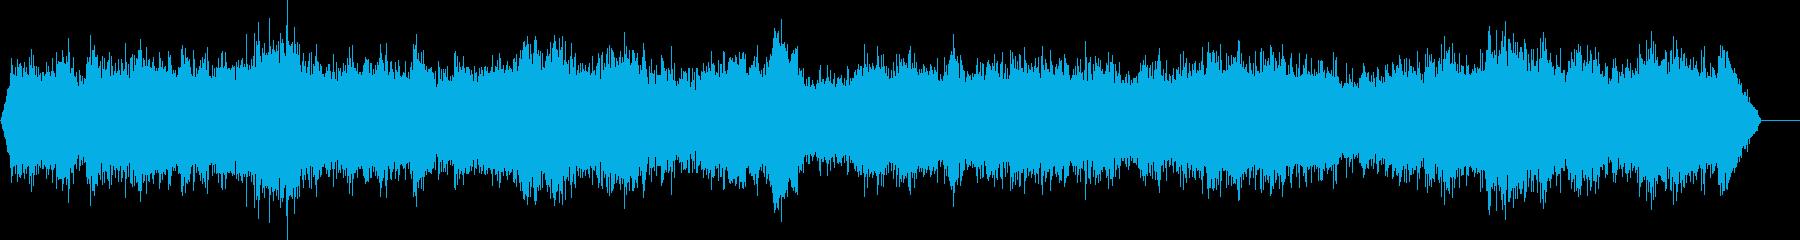 大規模な博物館-声の再生済みの波形